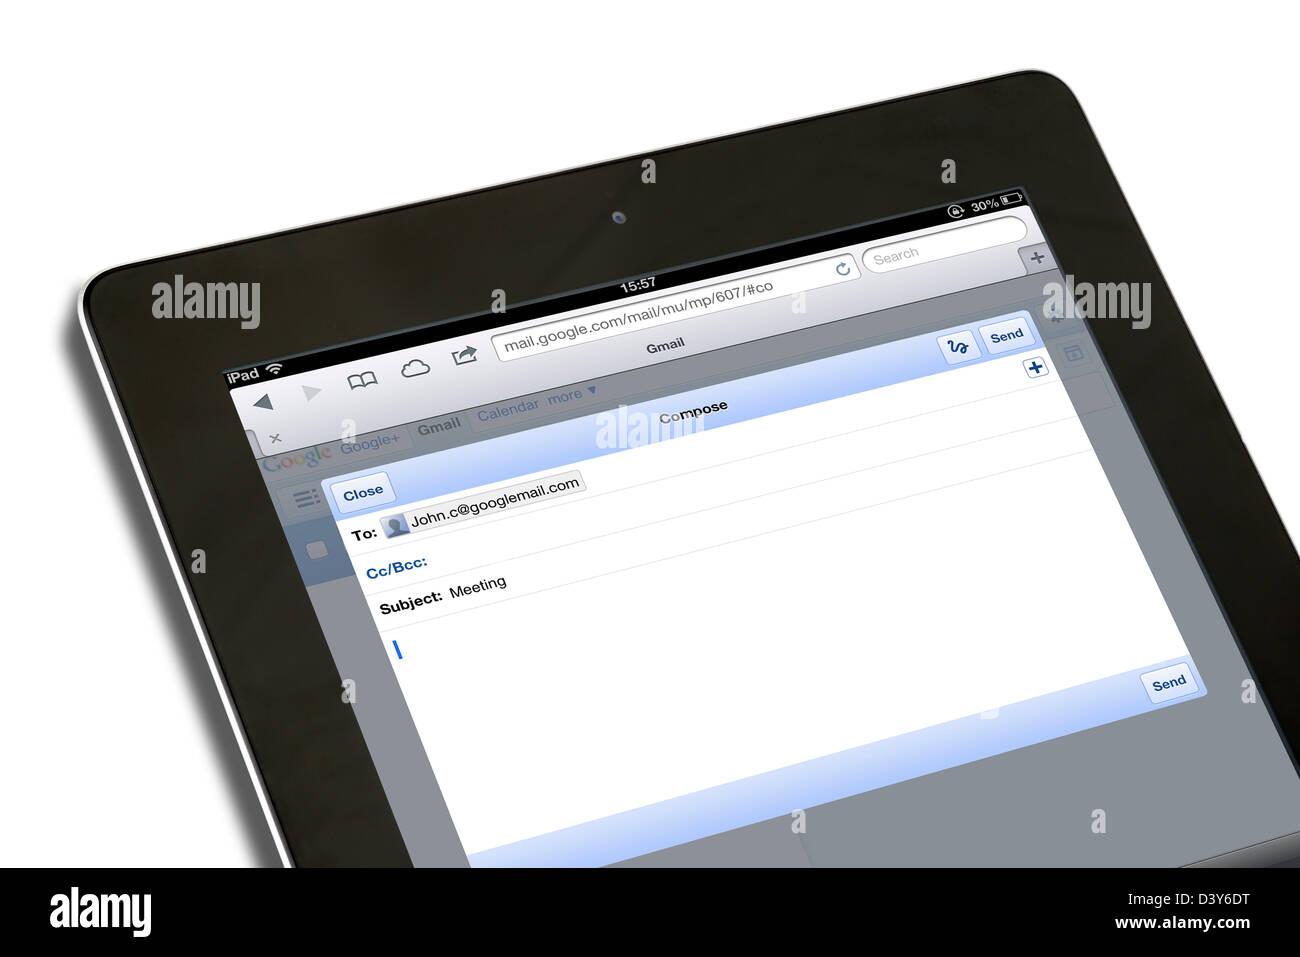 La composizione di un messaggio di posta elettronica con account Google Gmail su una quarta generazione di iPad, Immagini Stock